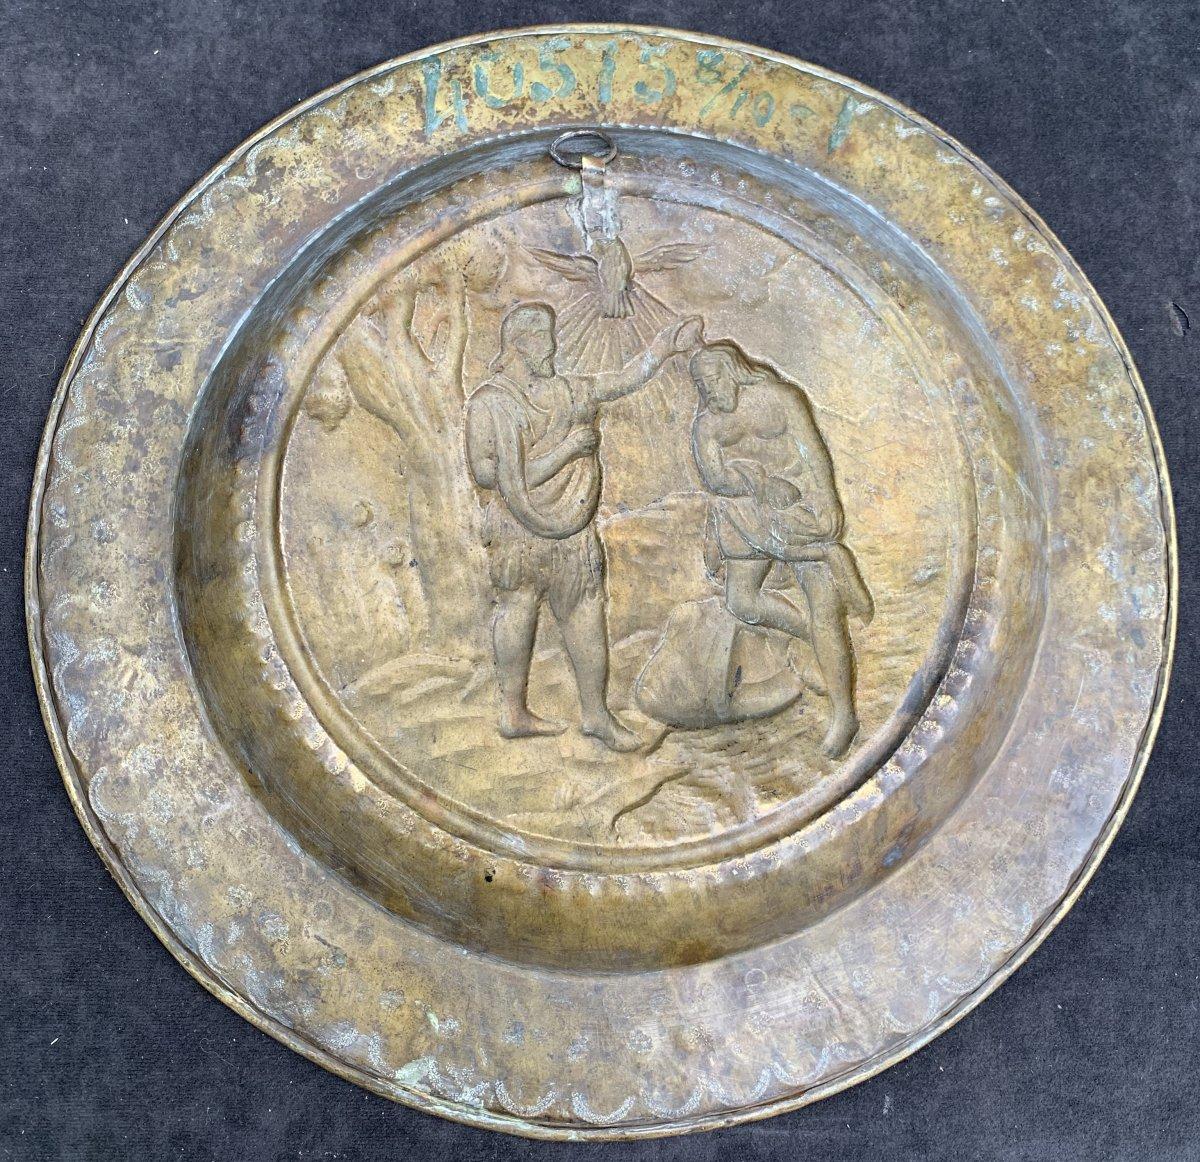 Pendant 2 plats quête laiton XVIIe Le baptême du Christ & lapidation St Etienne-photo-4